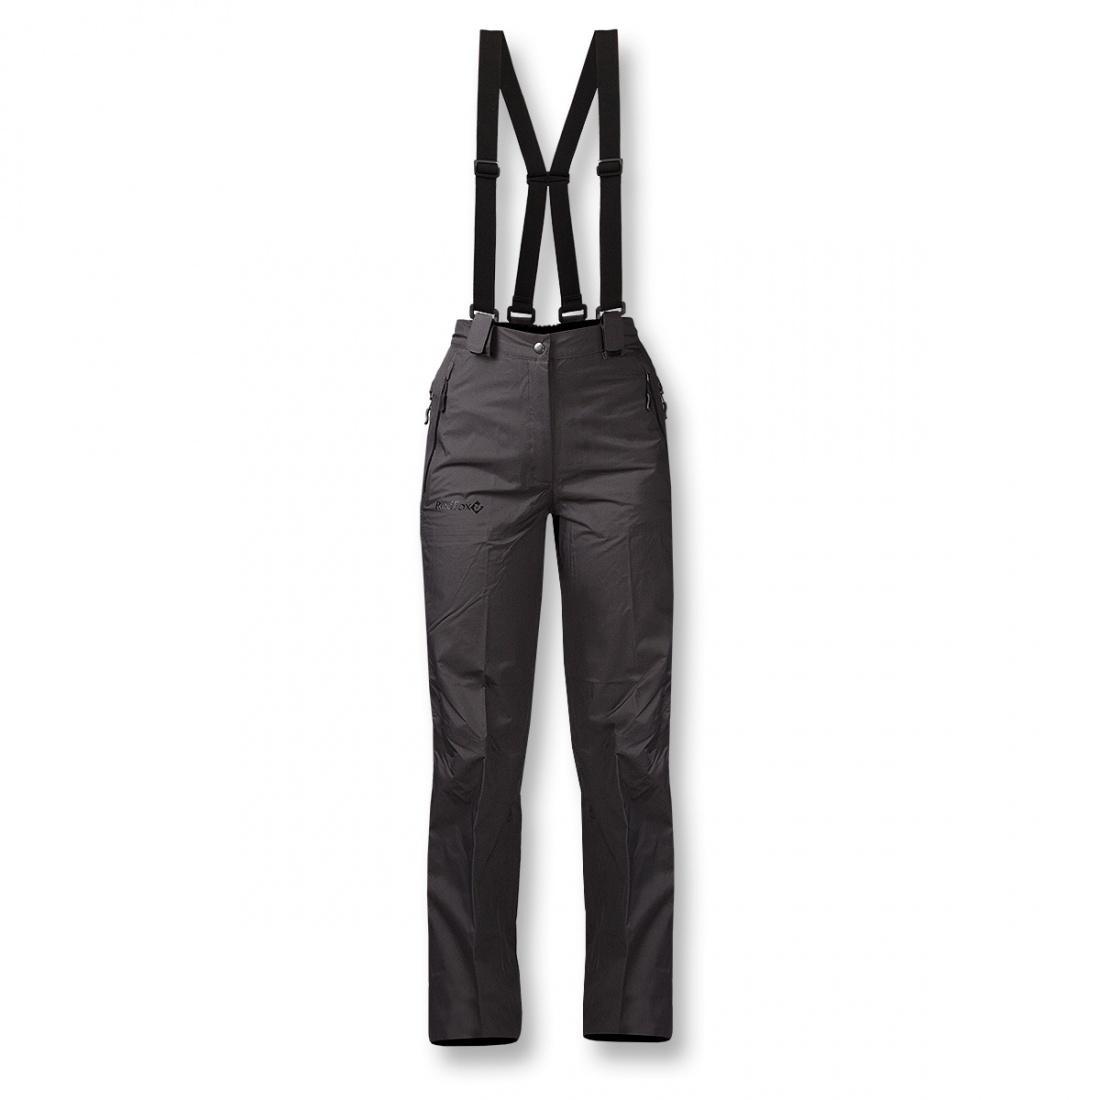 Брюки ветрозащитные Valencia ЖенскиеБрюки, штаны<br>Легкие штормовые брюки для женщин.  <br> <br> Серия Nordic Style <br>Треккинг, загородные выезды в дождливую погоду <br>Материал: Dry Factor 10000 2...<br><br>Цвет: Черный<br>Размер: 50